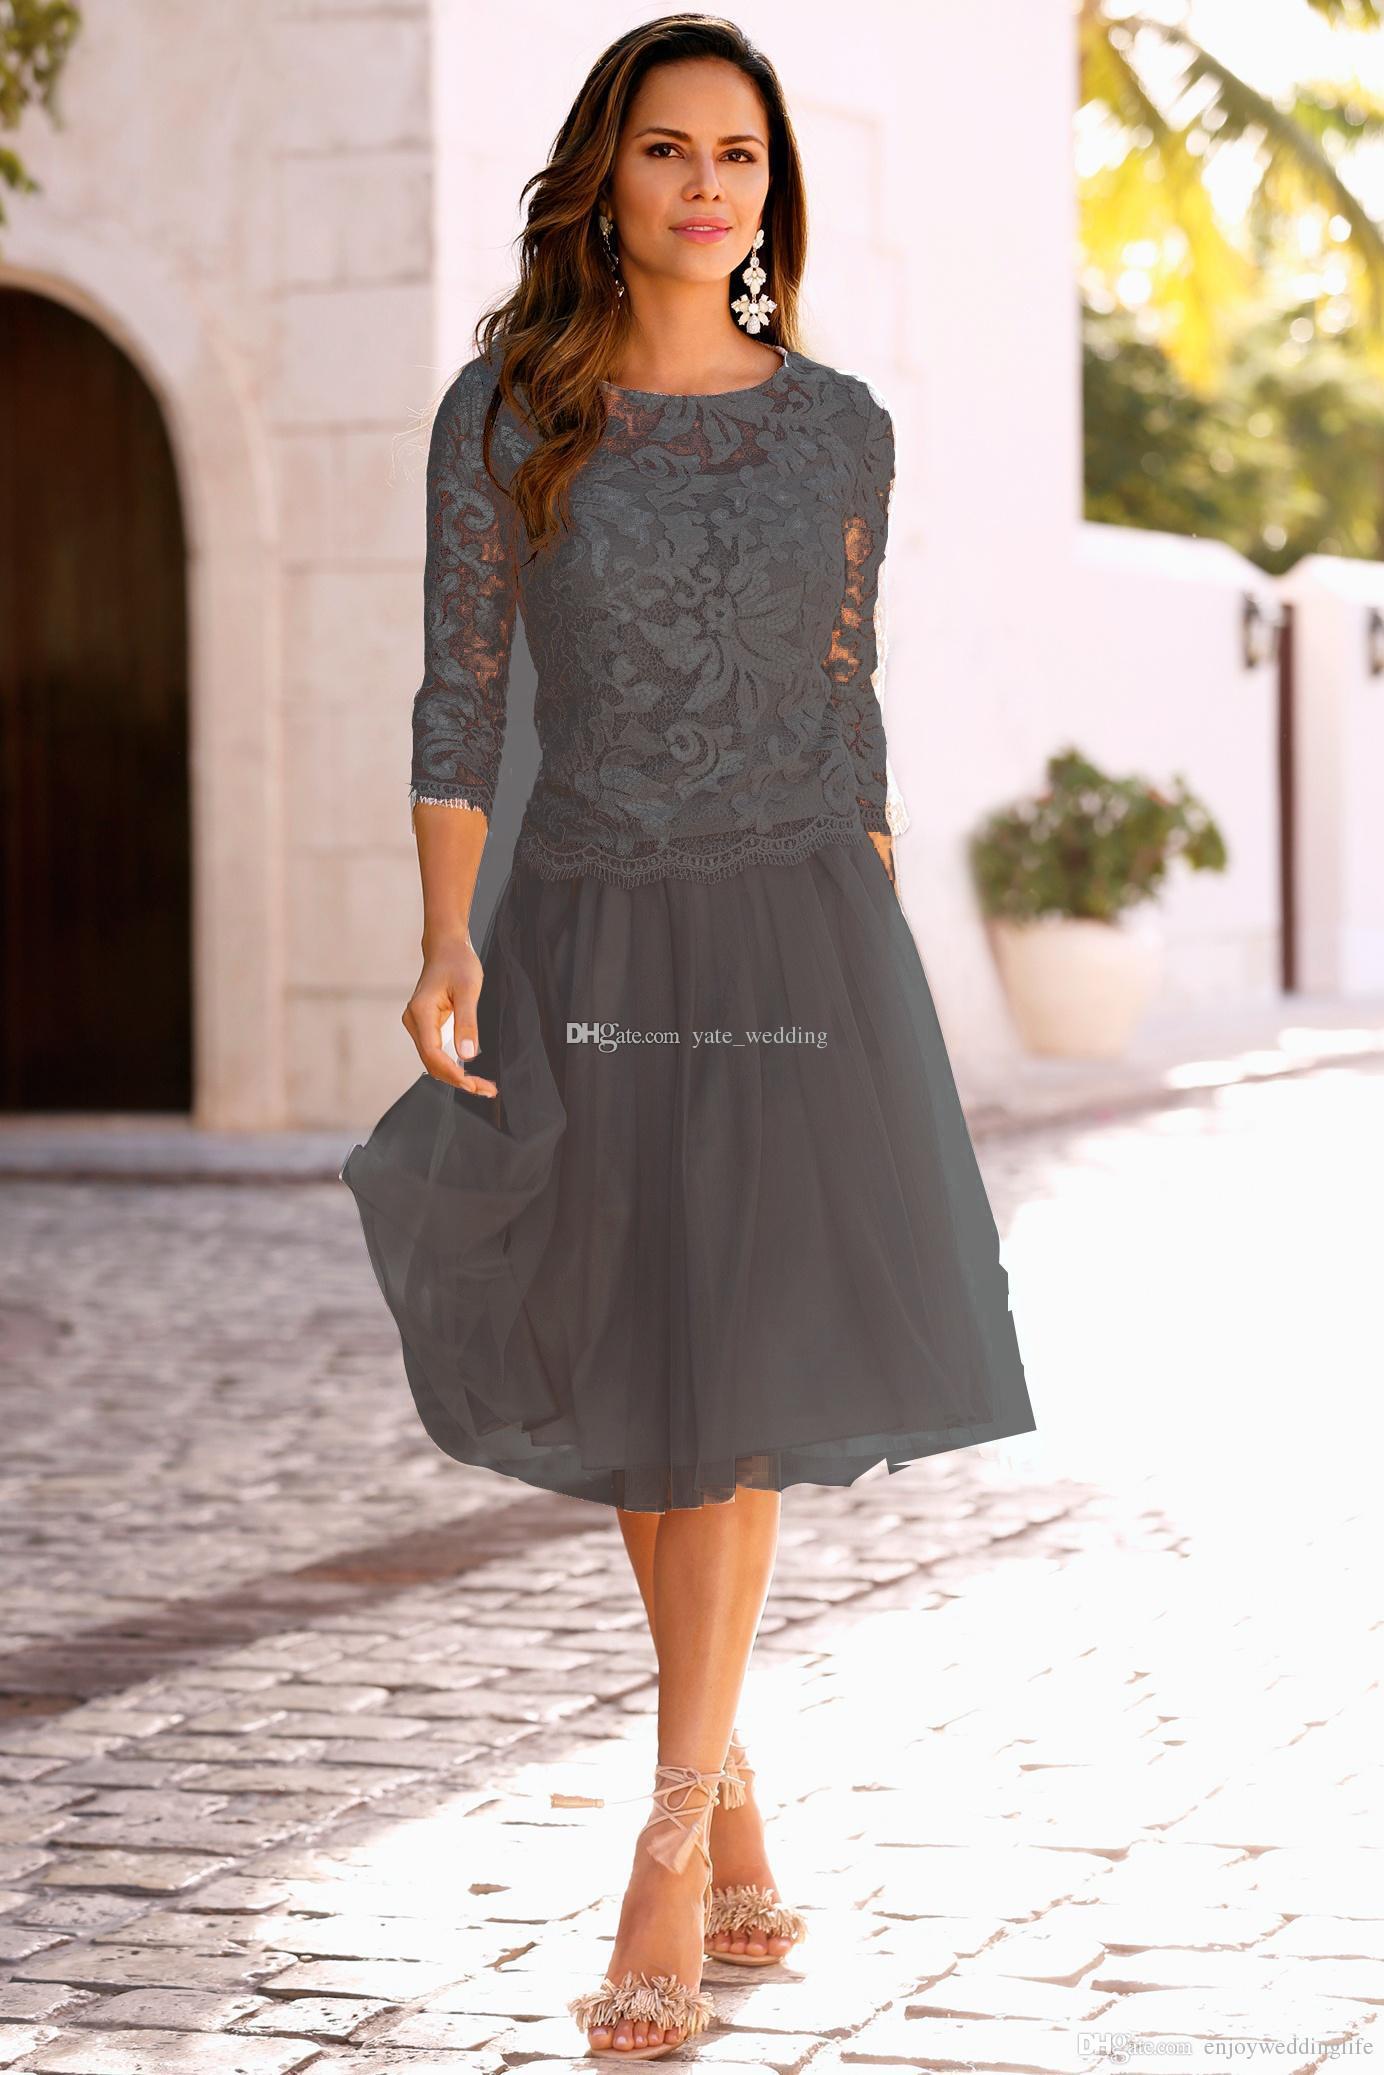 2019 Argento madre della sposa abiti con 3/4 maniche lunghe in pizzo tulle lunghezza madre sposa abiti